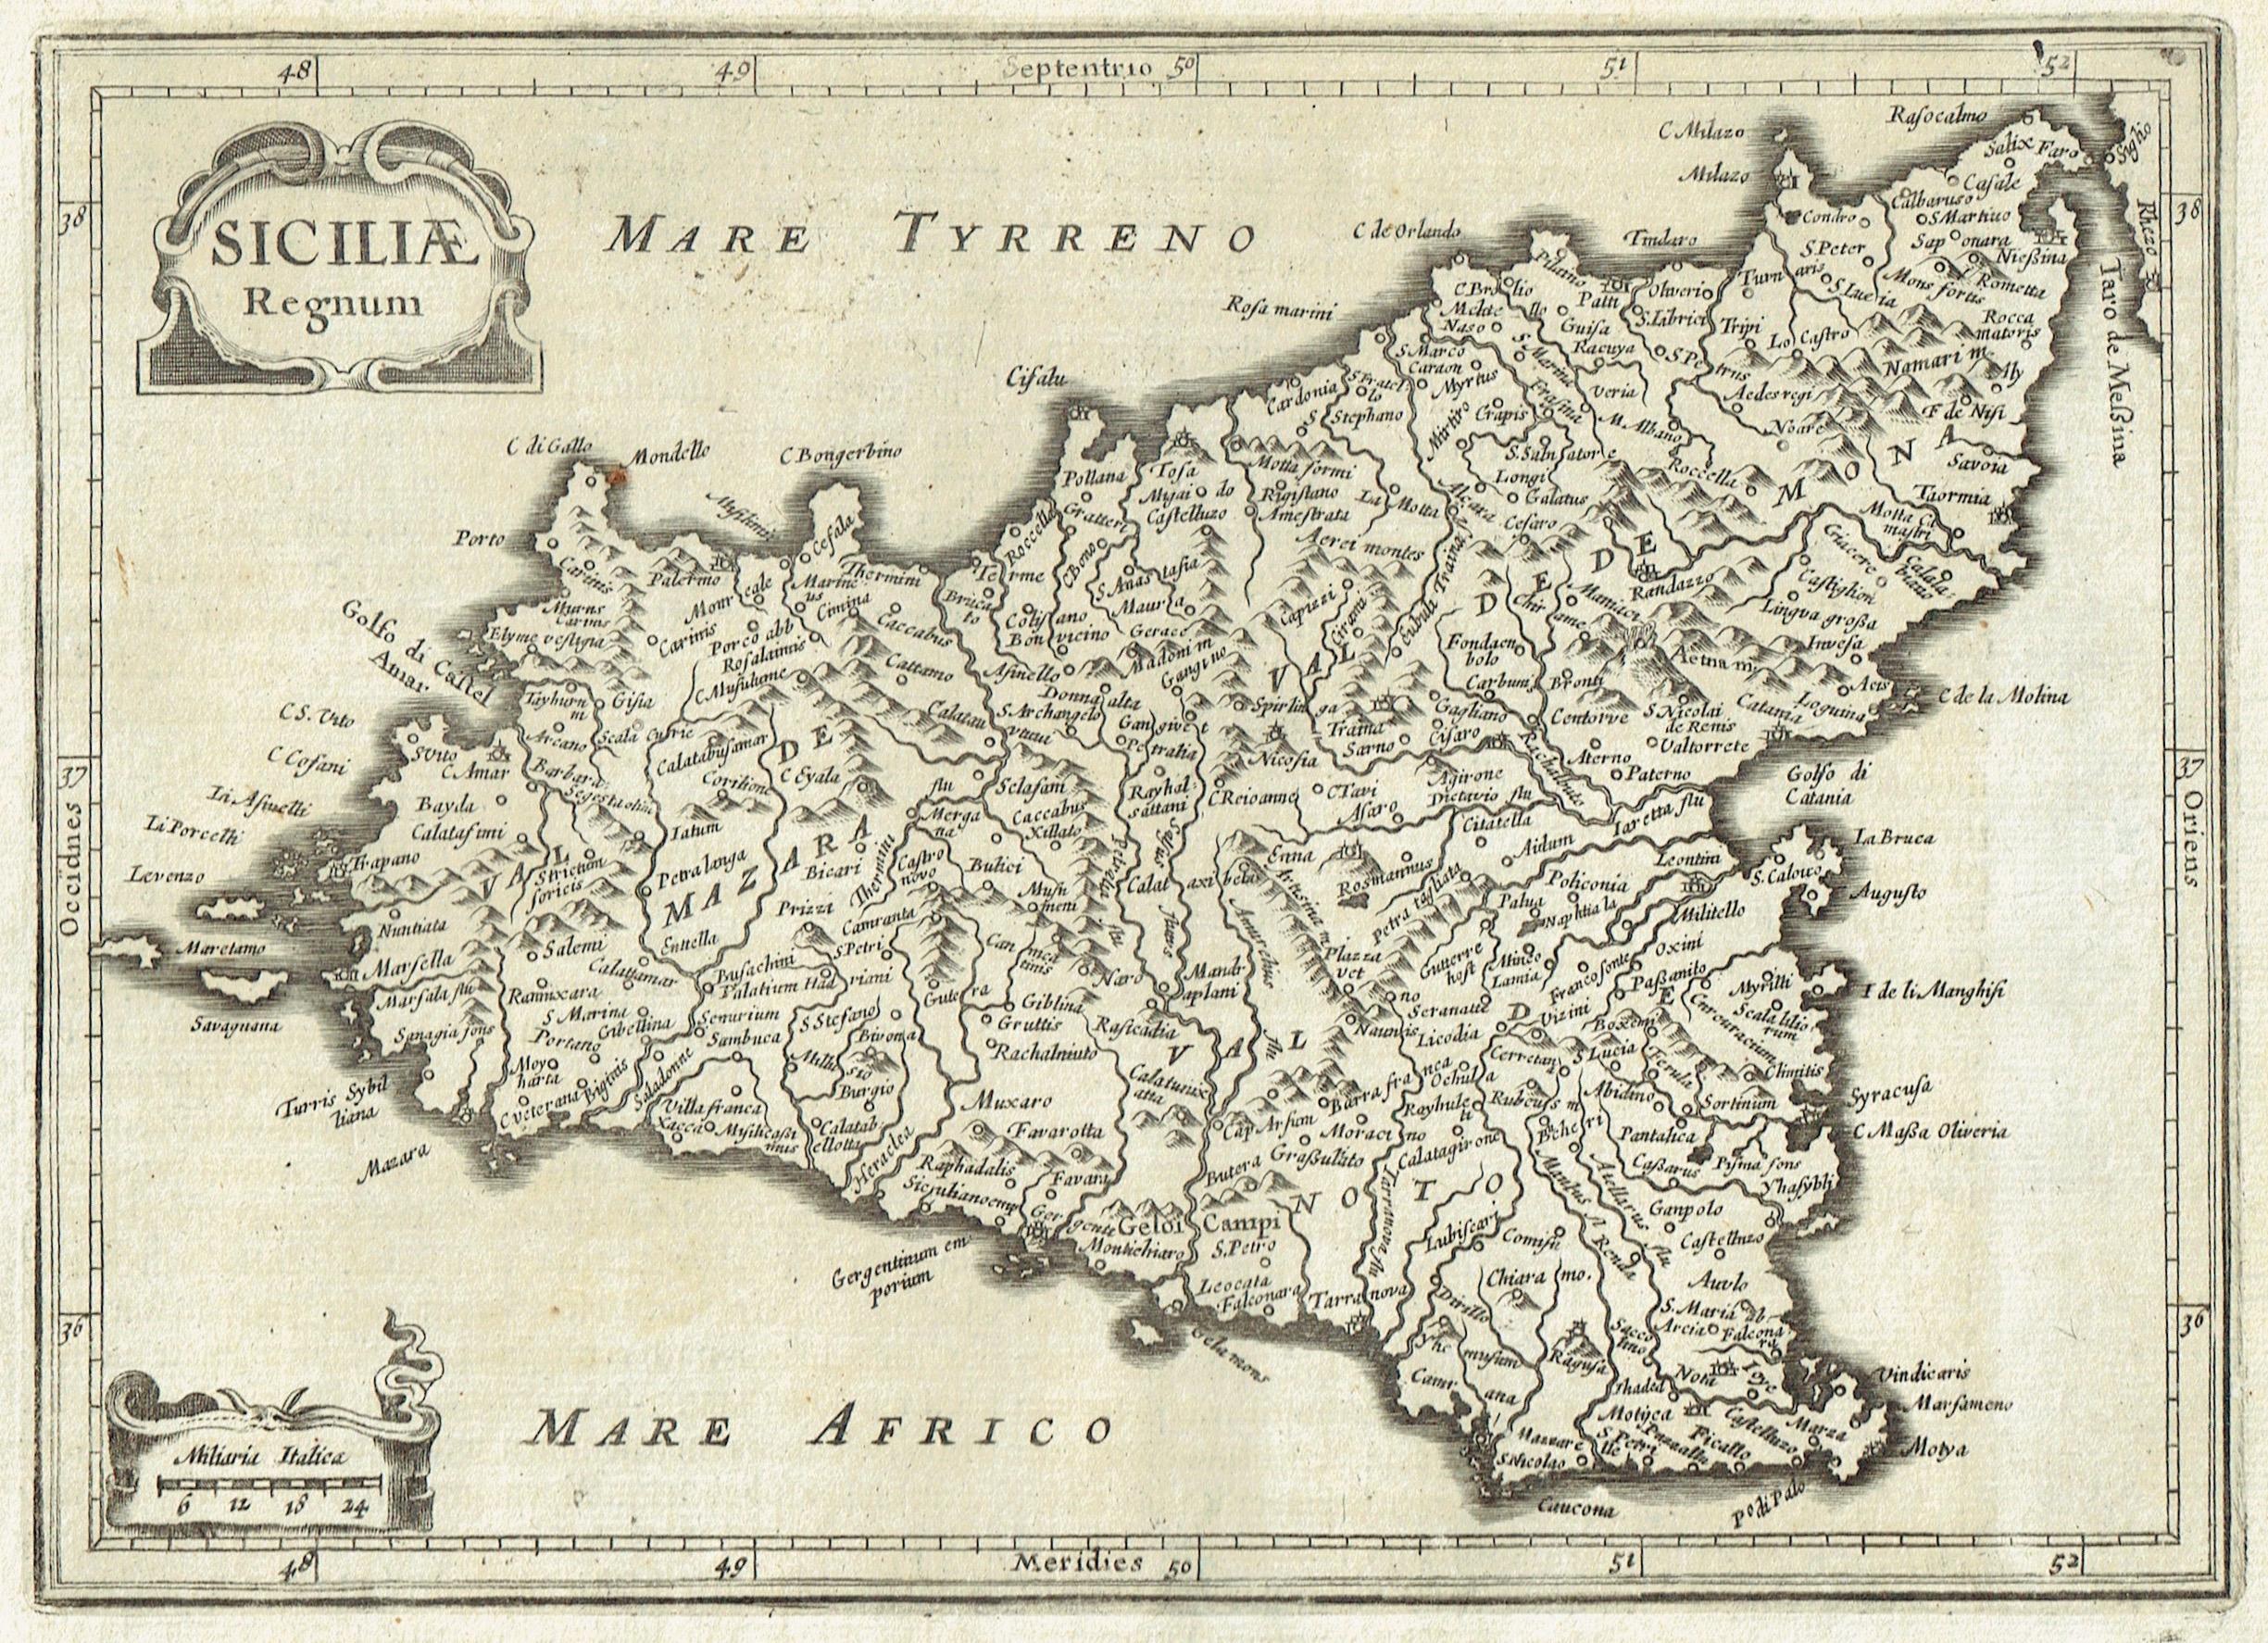 Cartina Sicilia Antica.Antica Carta Geografica Sicilia Siciliae Regnum Idea Rare Maps